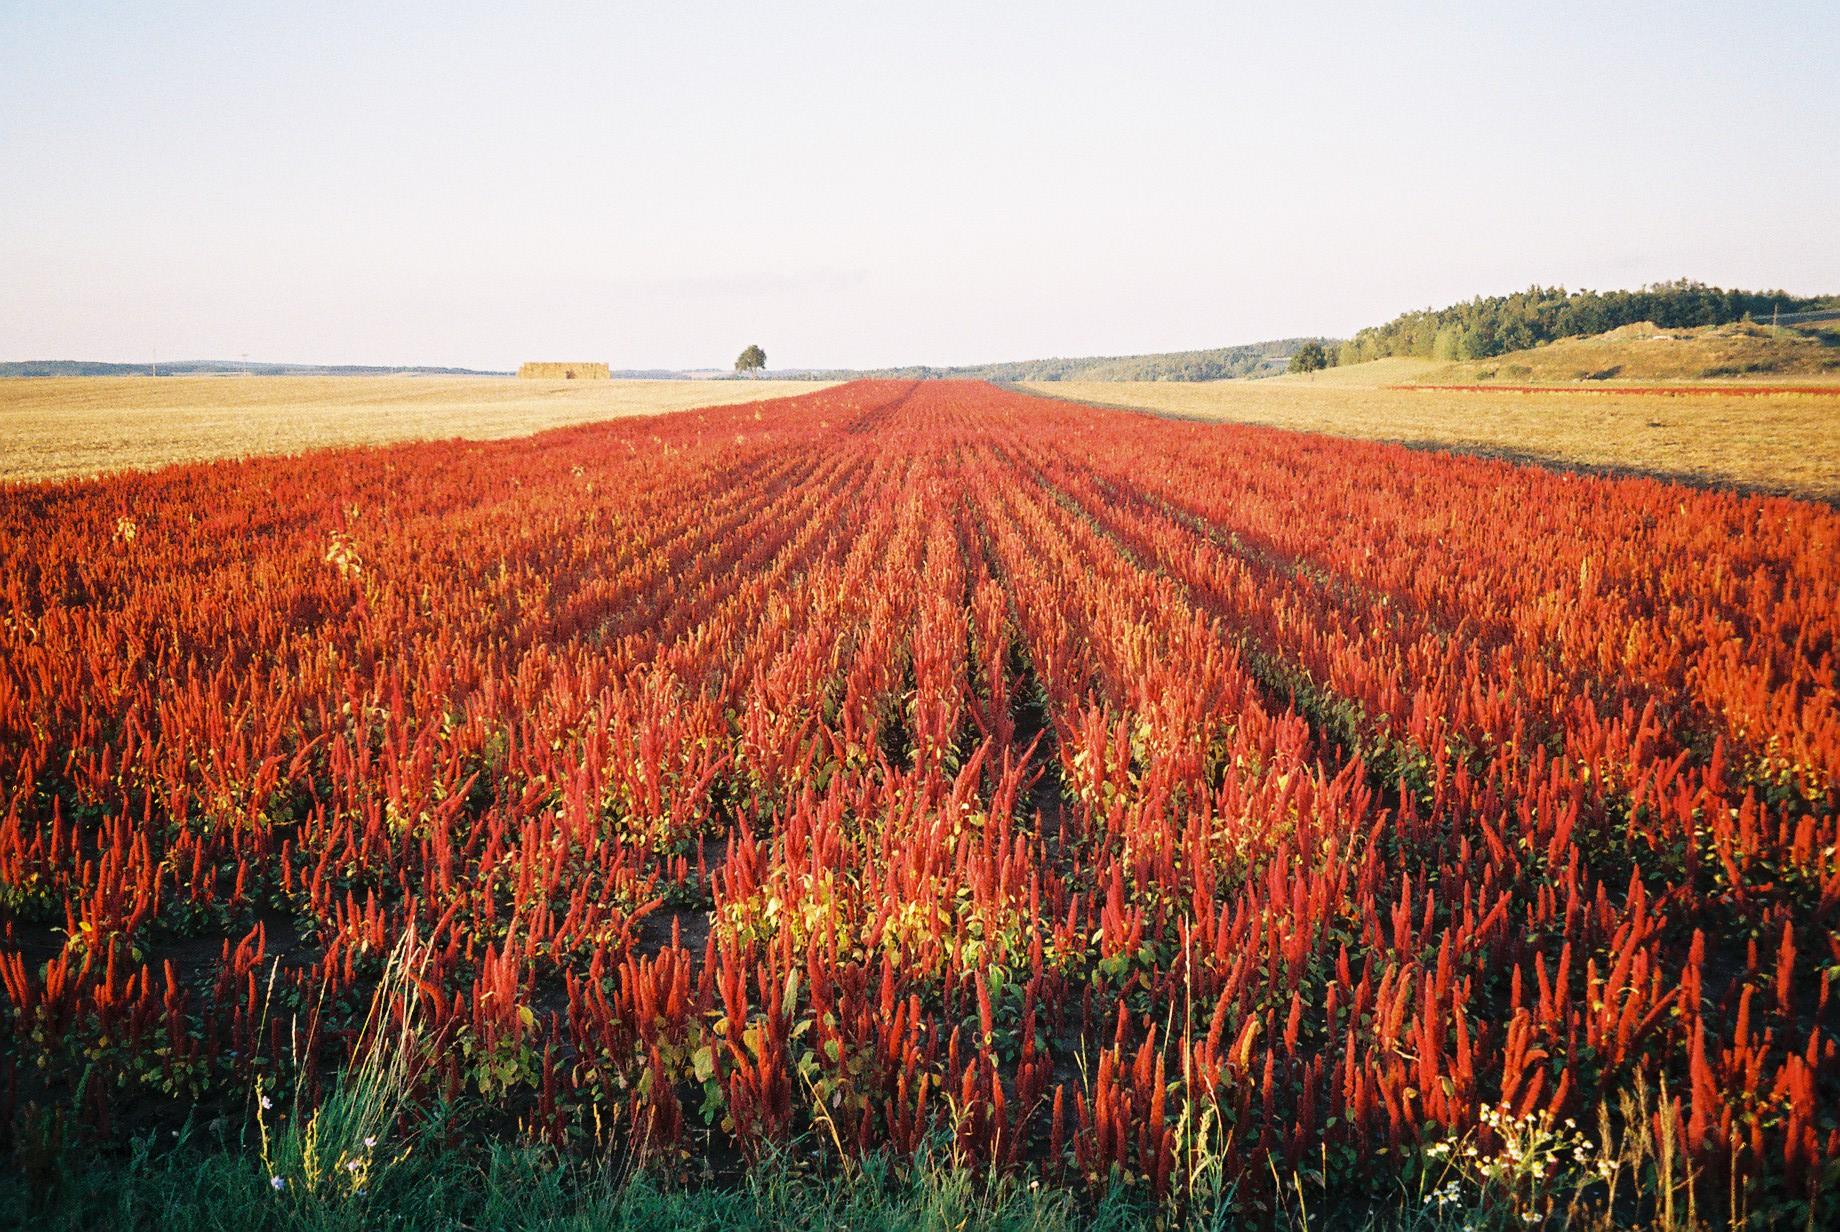 Quinoafeld bei Geras